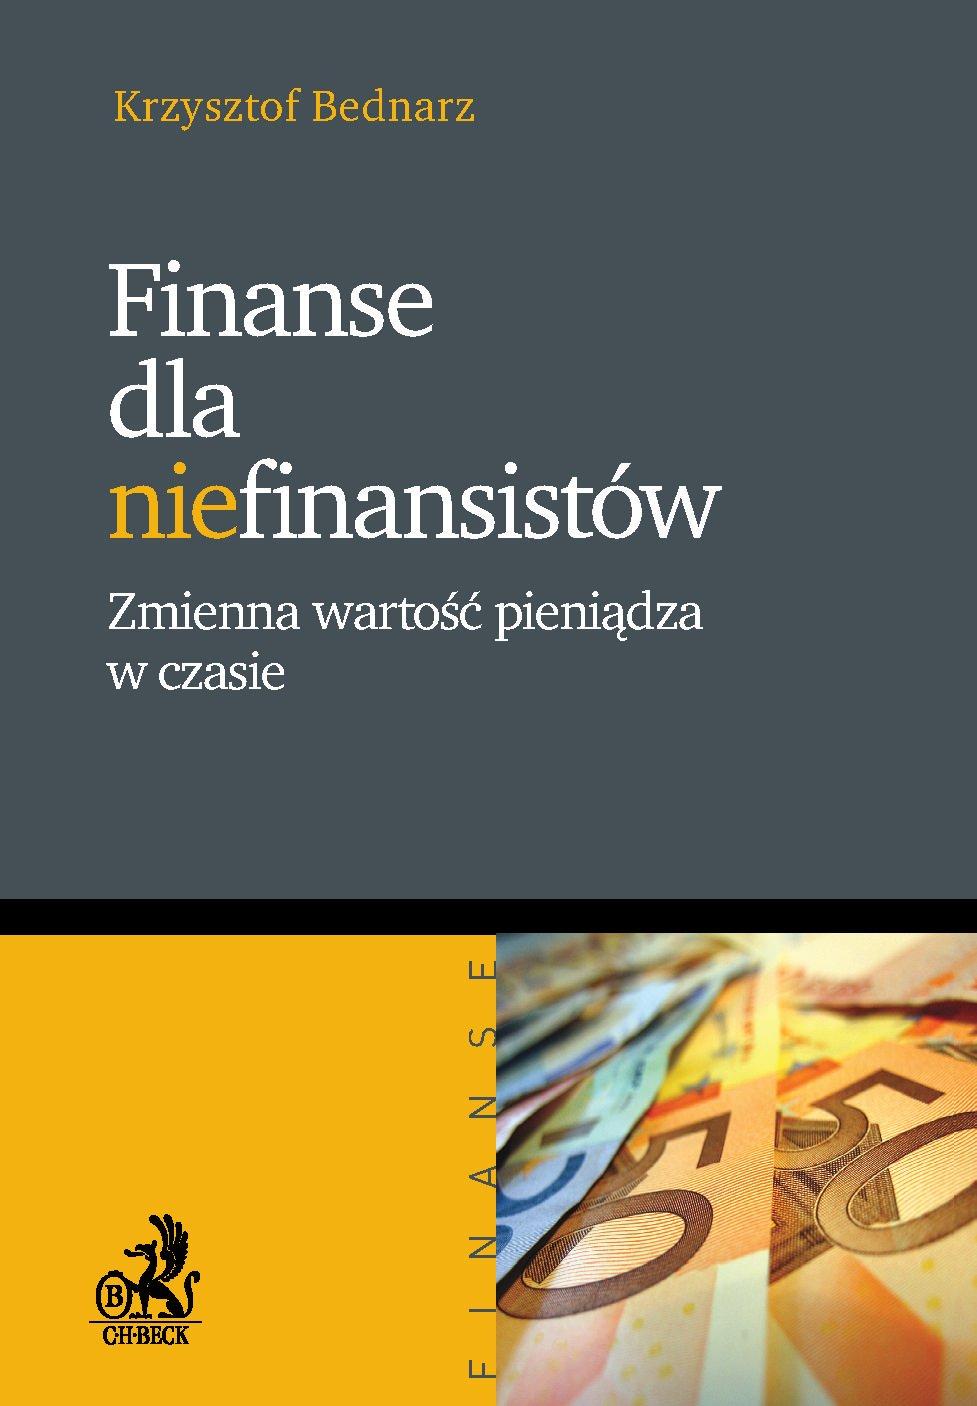 Finanse dla niefinansistów - Ebook (Książka PDF) do pobrania w formacie PDF